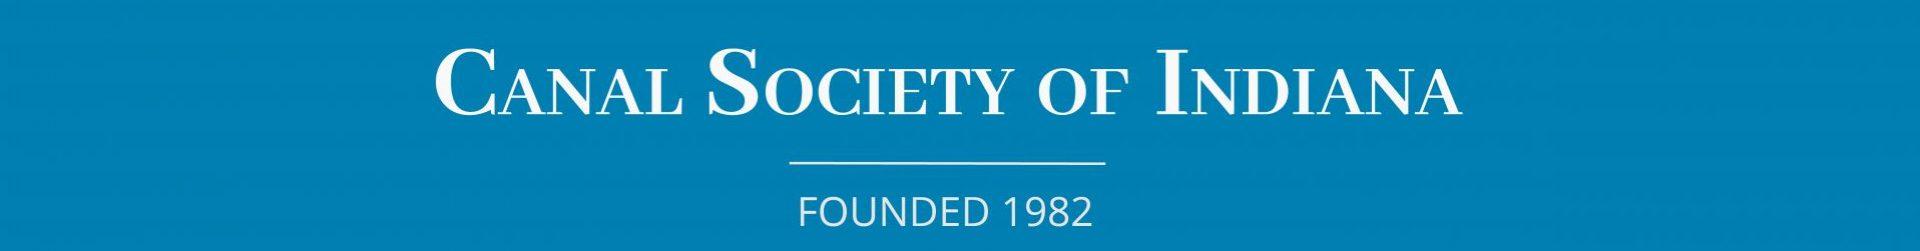 Canal Society